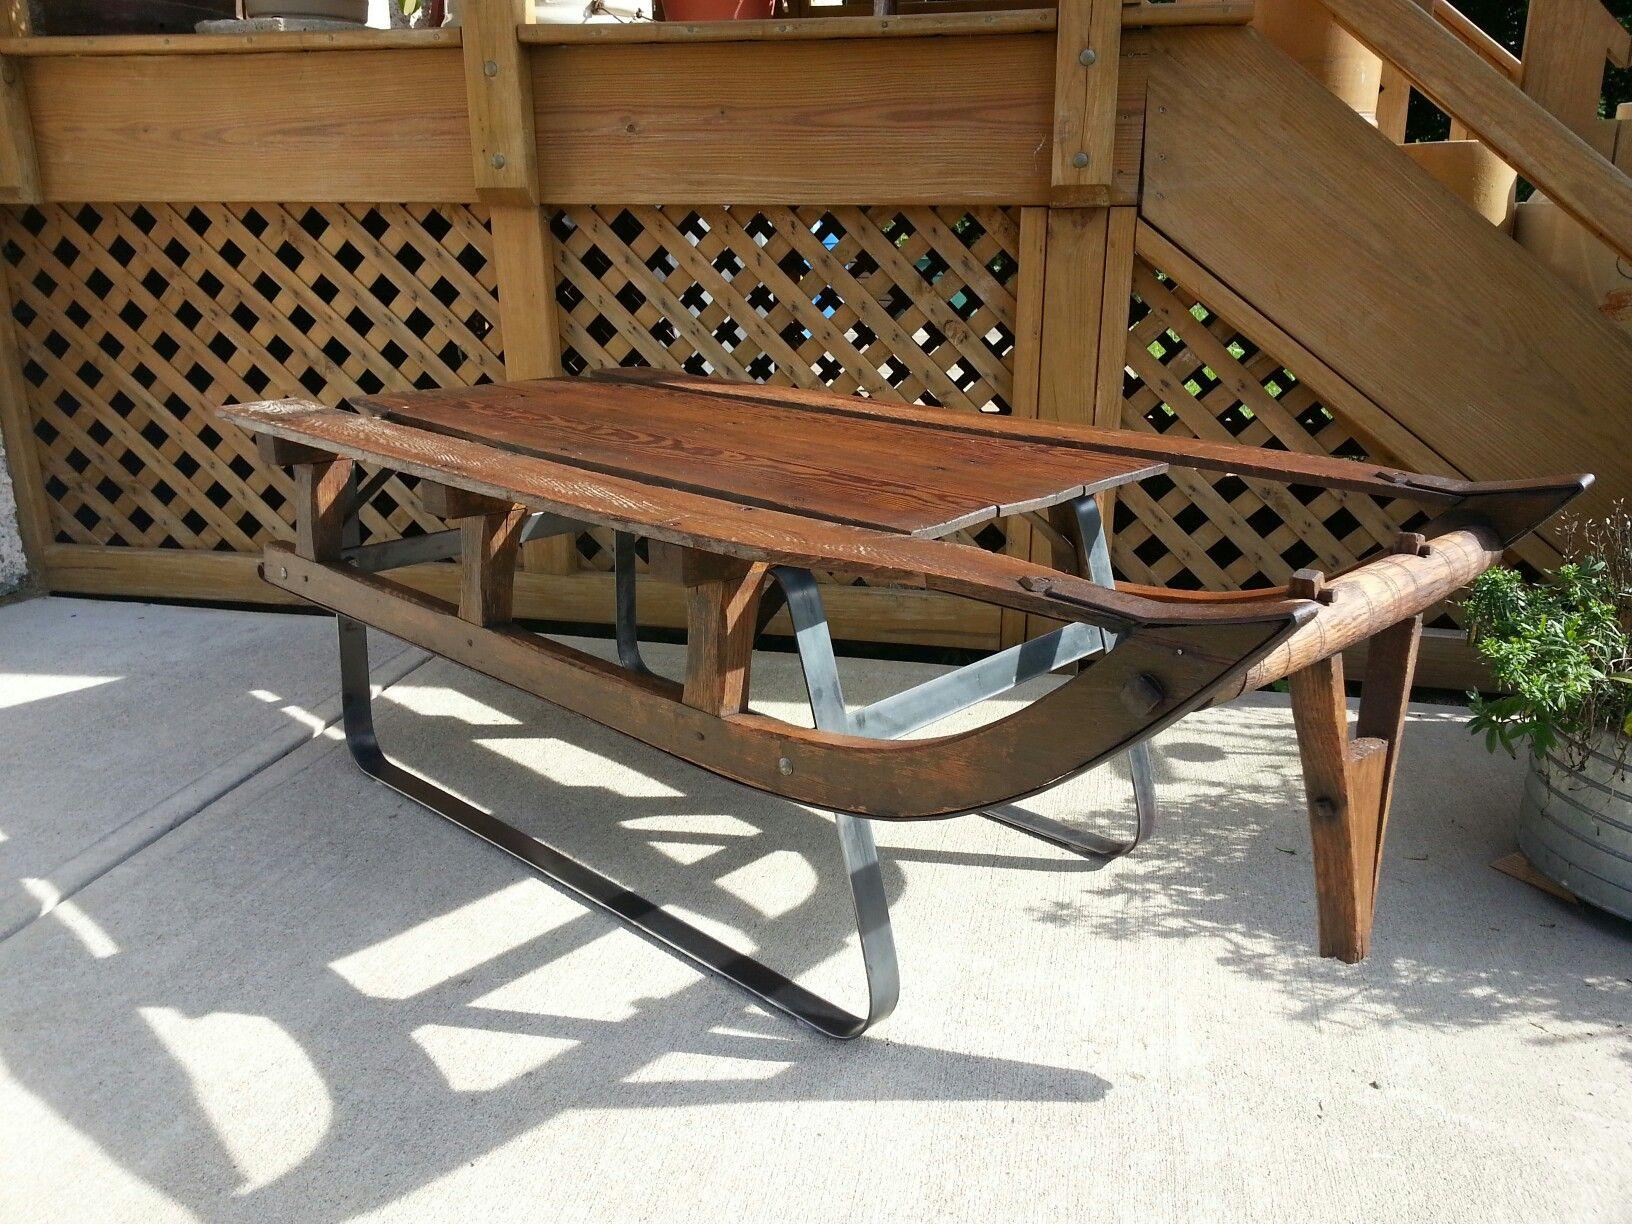 Vintage Pony Sled Coffee Table Signature Refind Salvage Signature Refind Salvage Pinterest